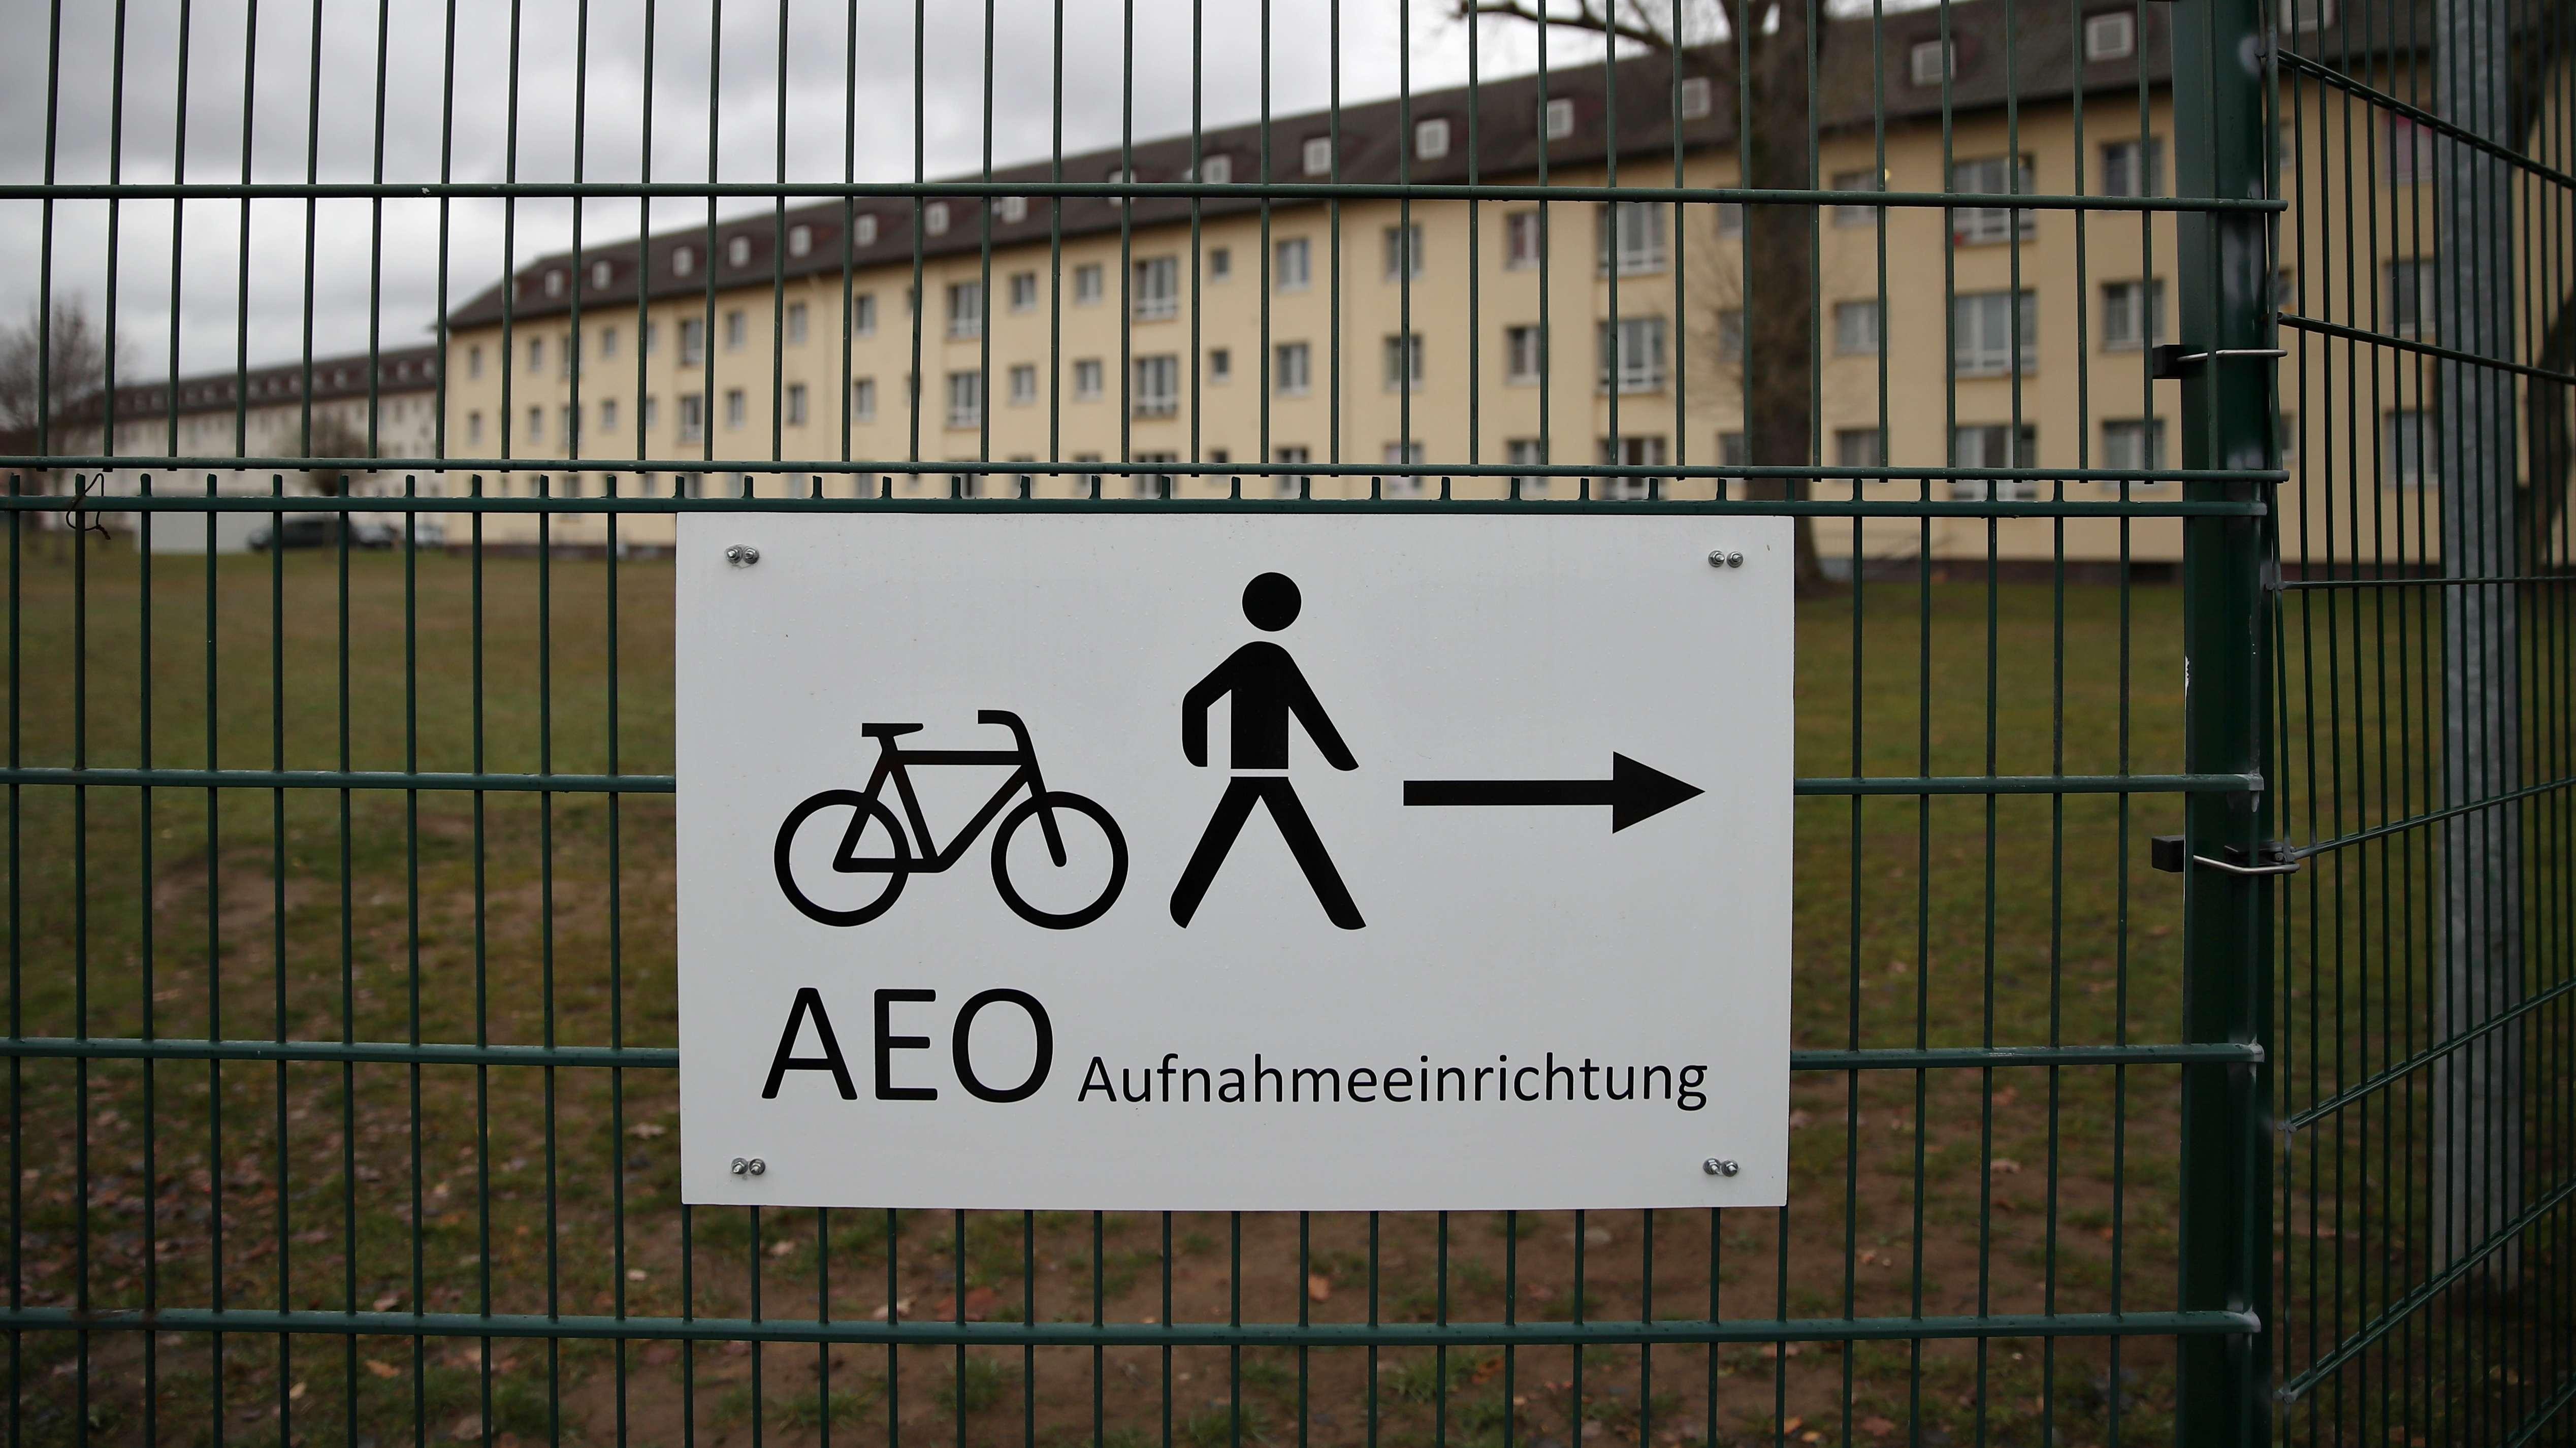 Dezember 2018: Ein Schild weist den Weg zum Eingangsbereich für Fußgänger und Radfahrer auf das Gelände des Ankerzentrums in Bamberg